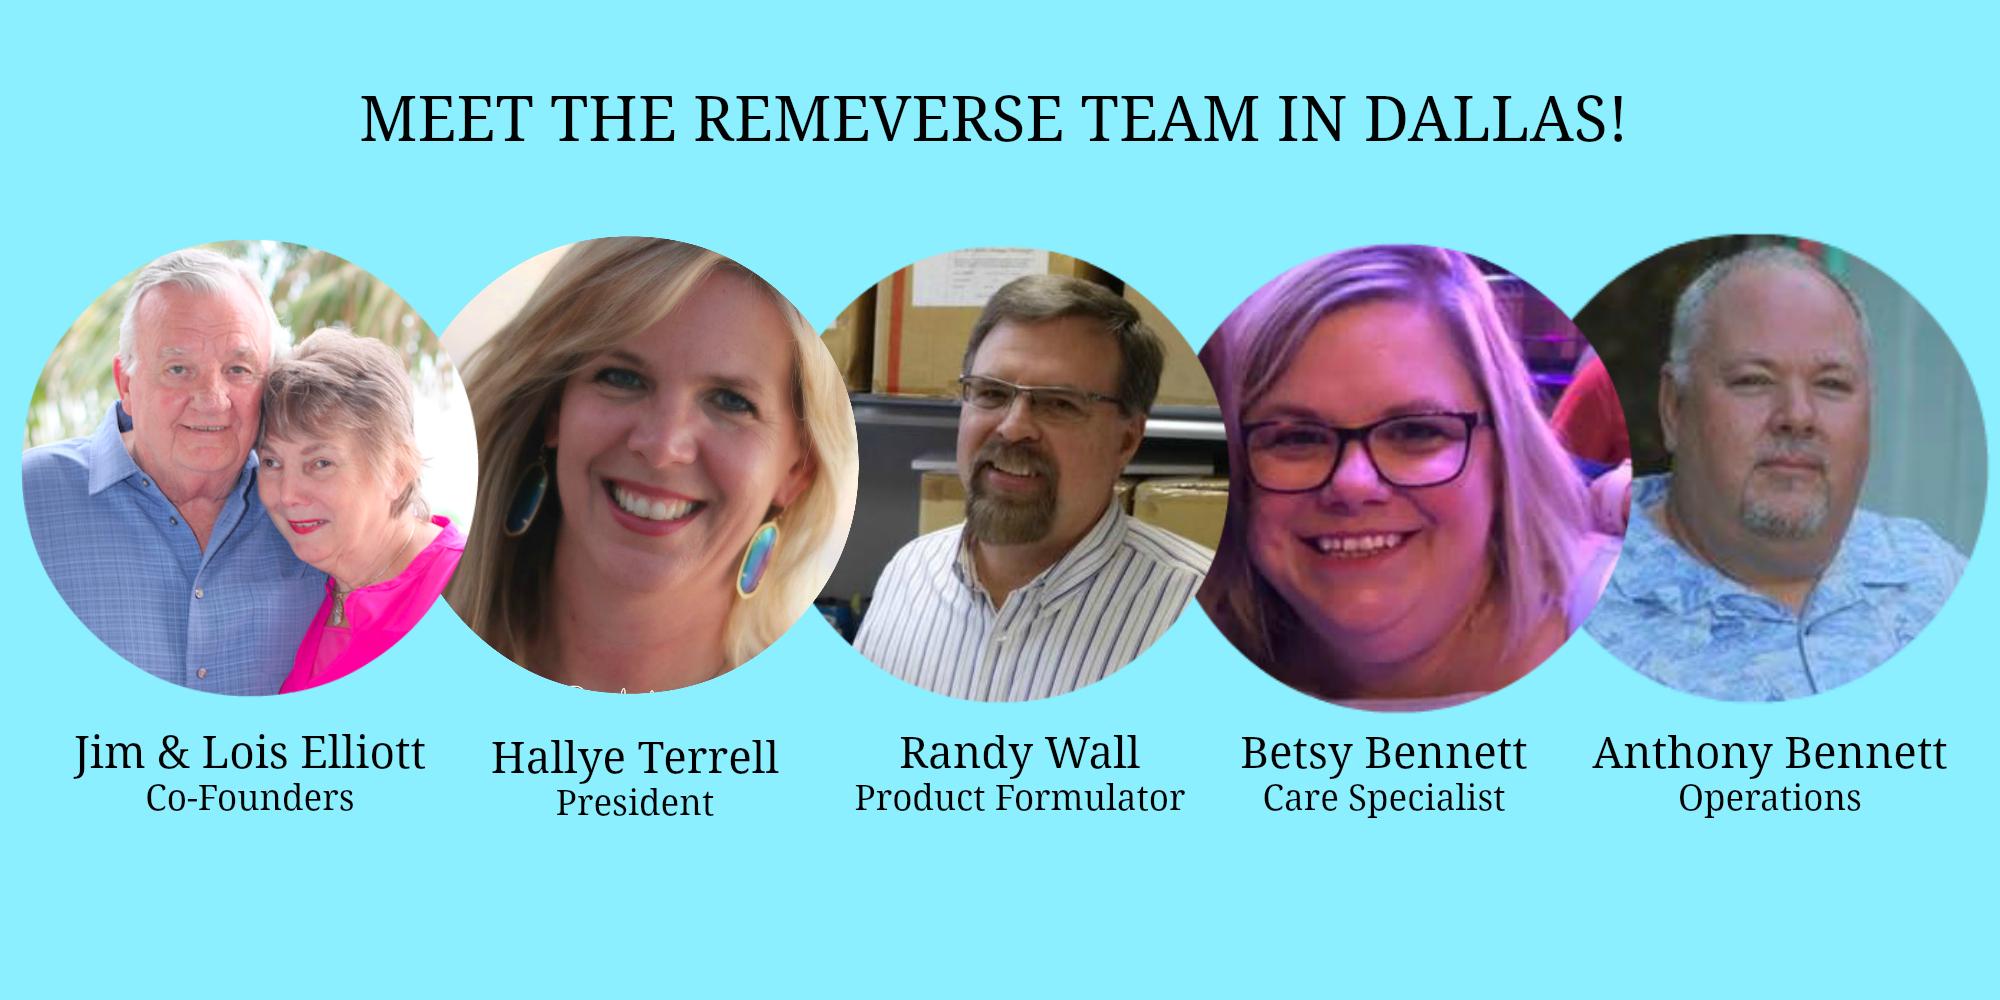 meet the team dallas